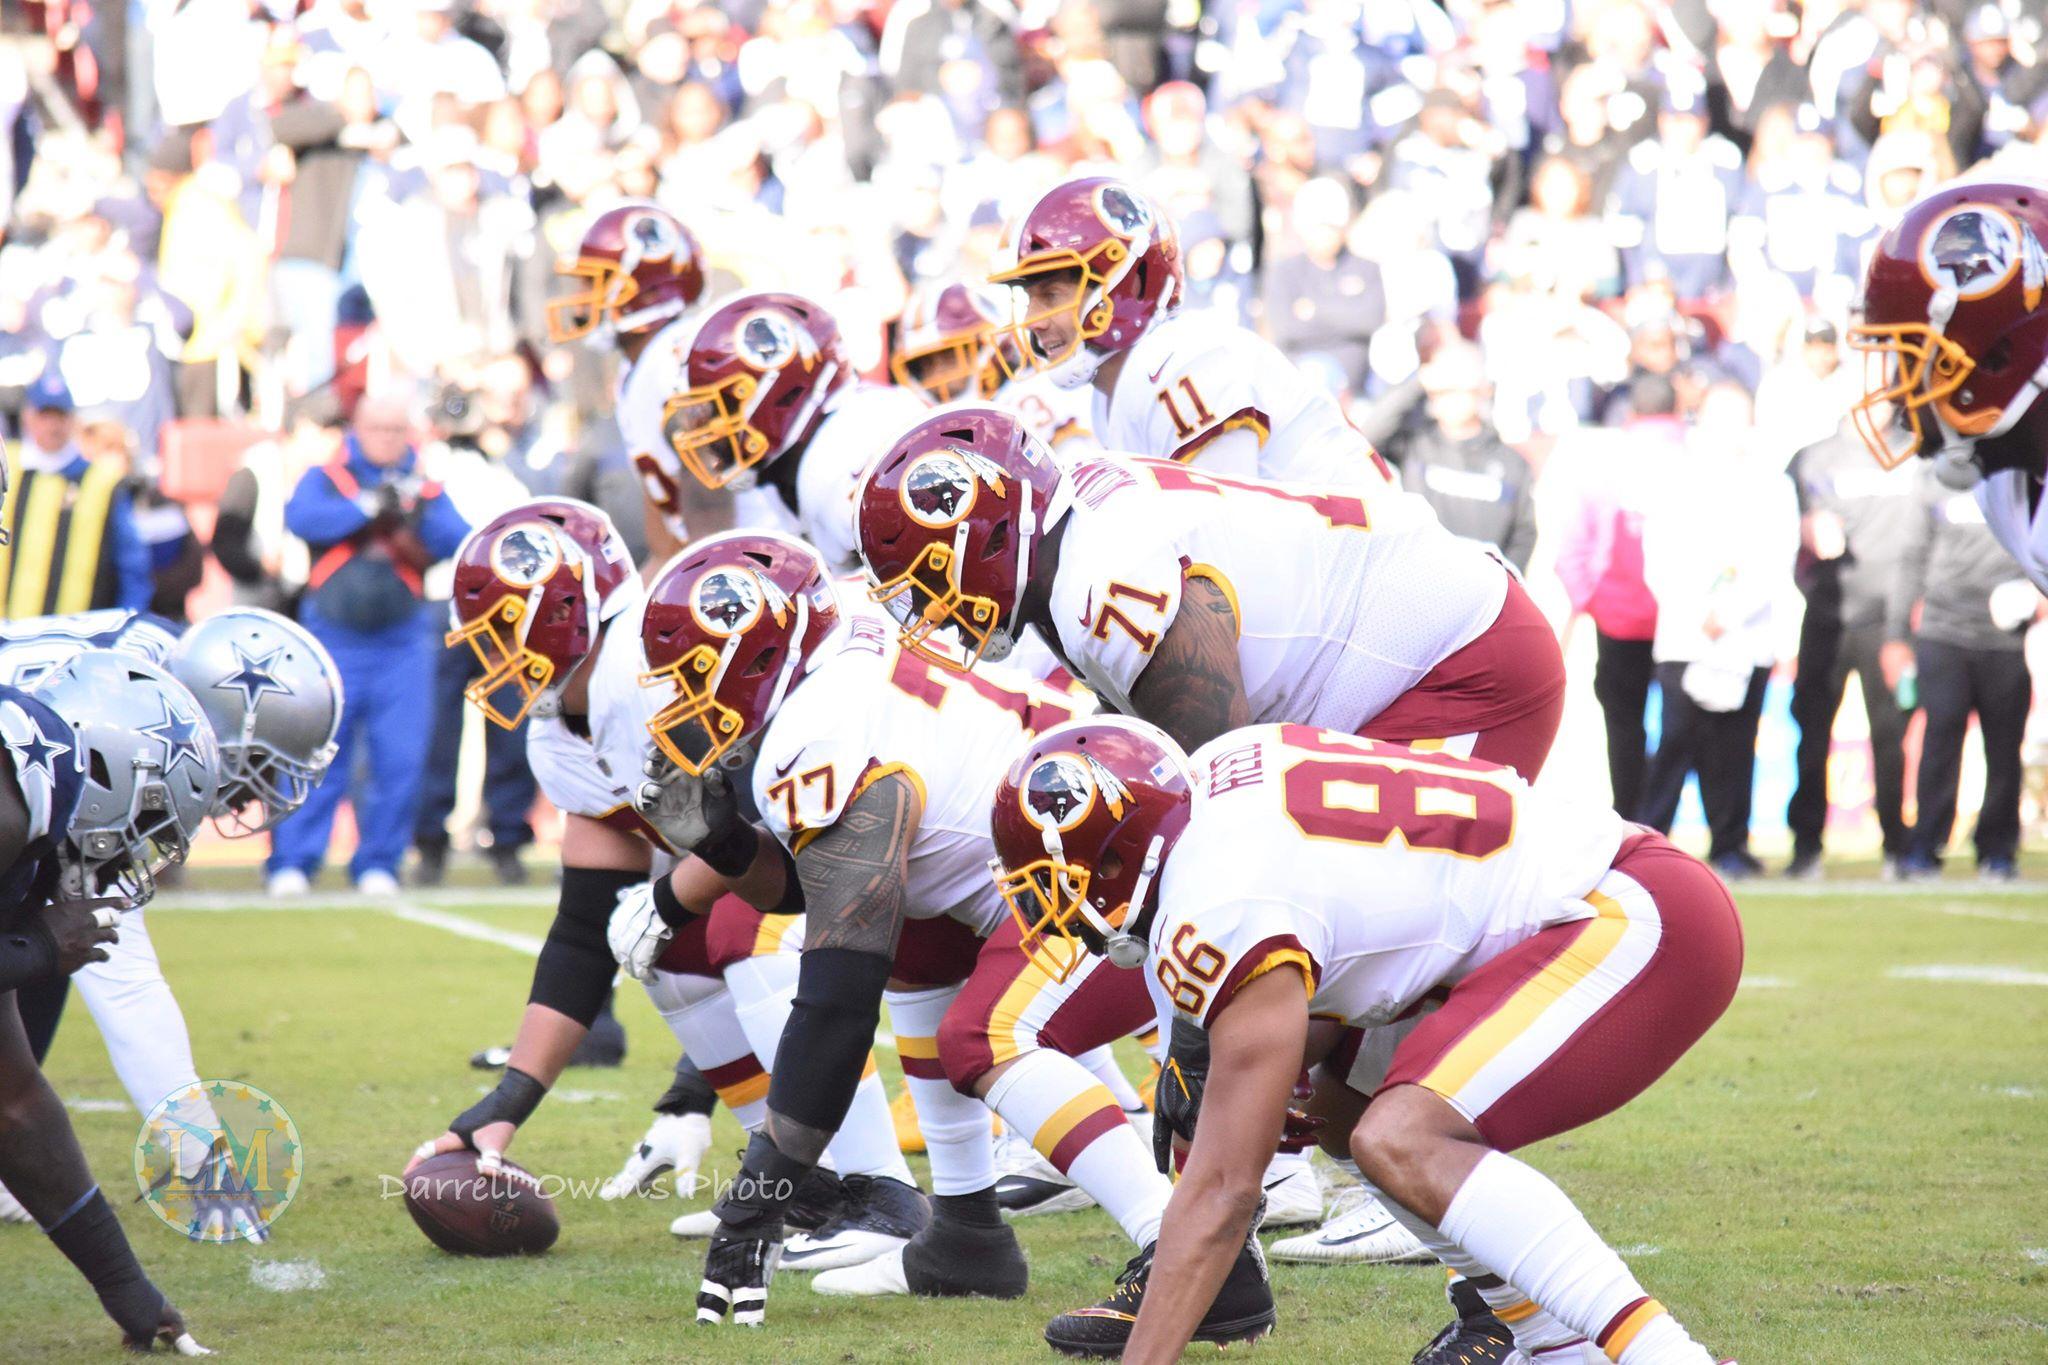 Redskins offense Alex Smith